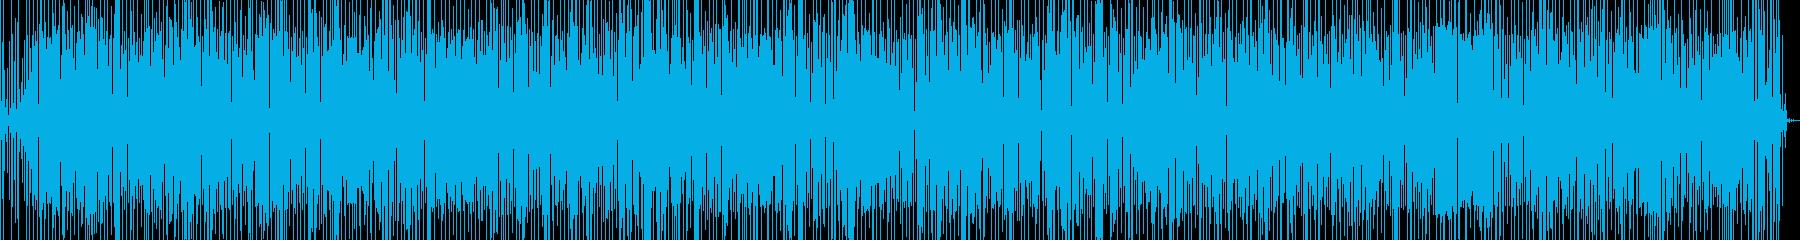 ファンクとルンバの融合したグルーヴと歌の再生済みの波形